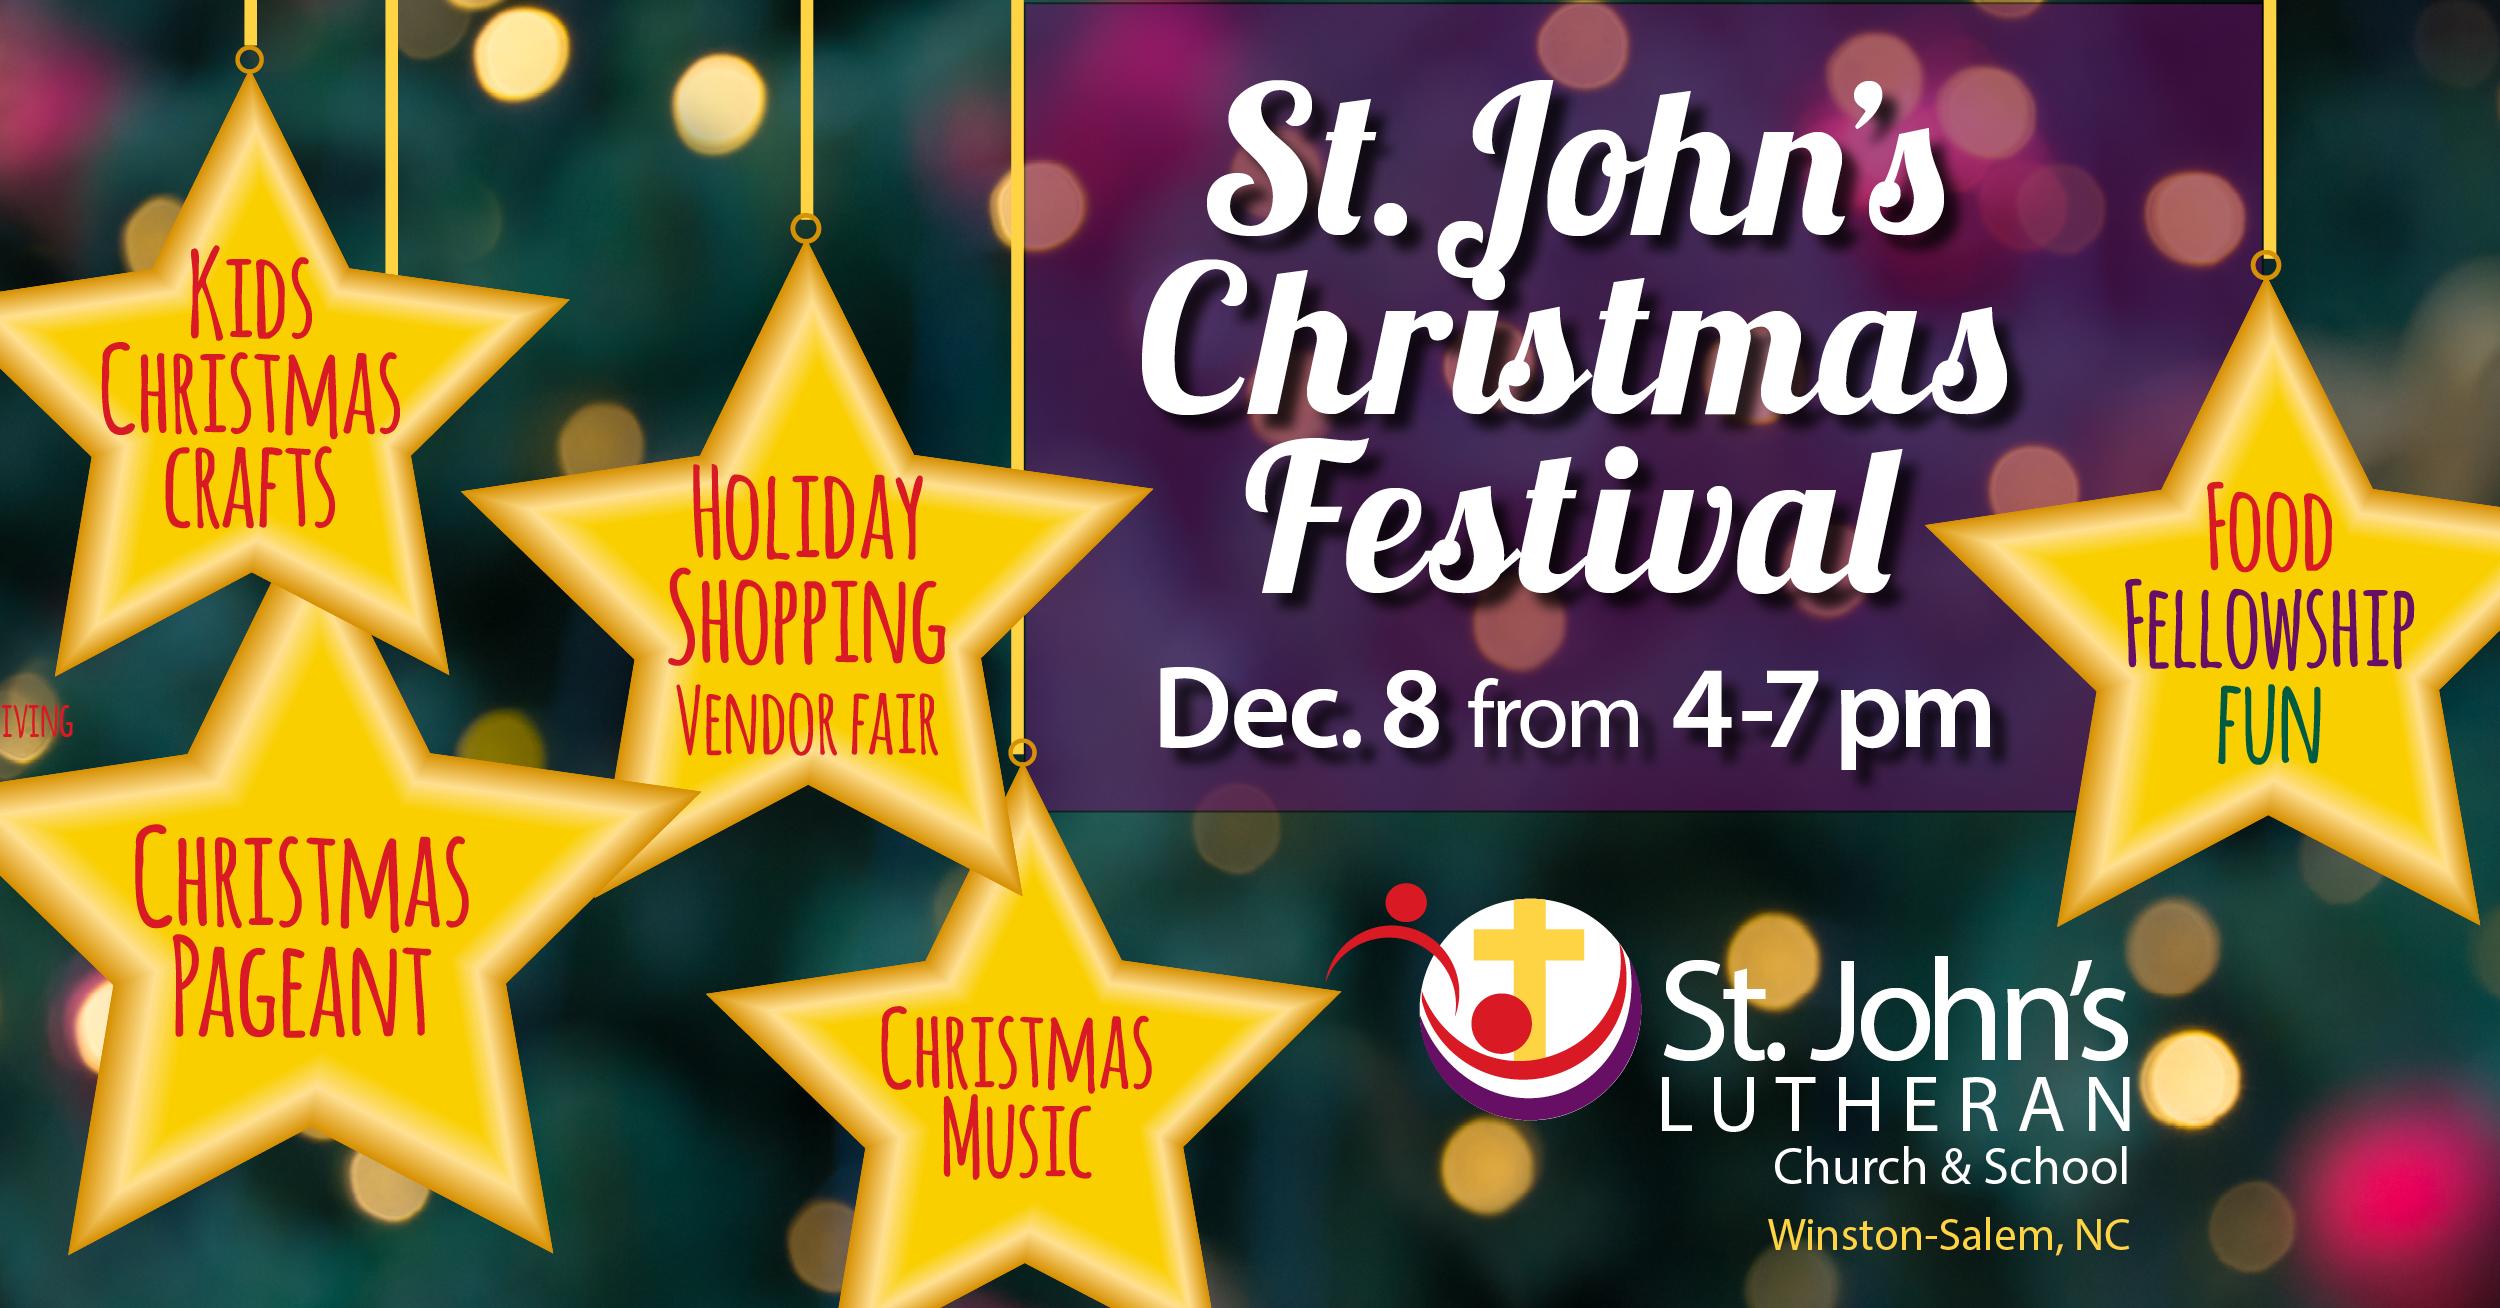 St. John's Christmas Festival